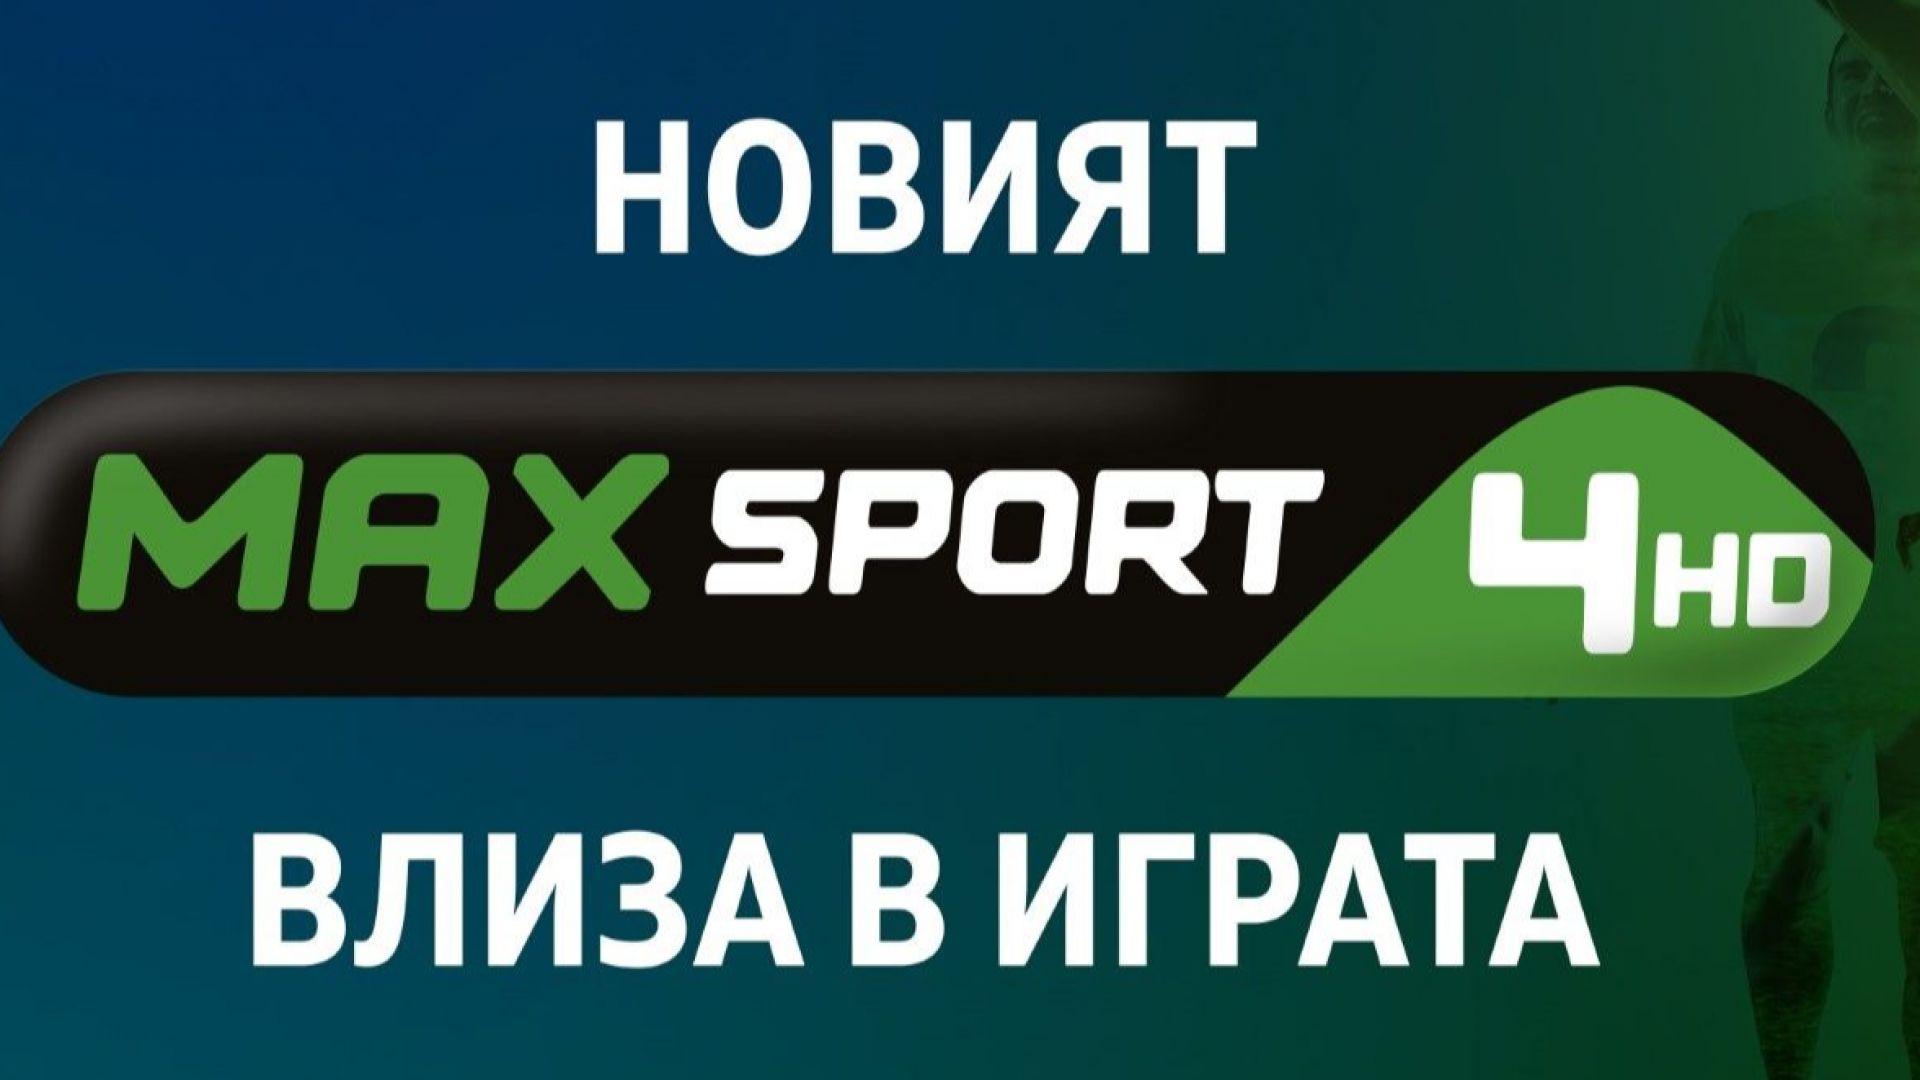 A1 стартира нов спортен канал